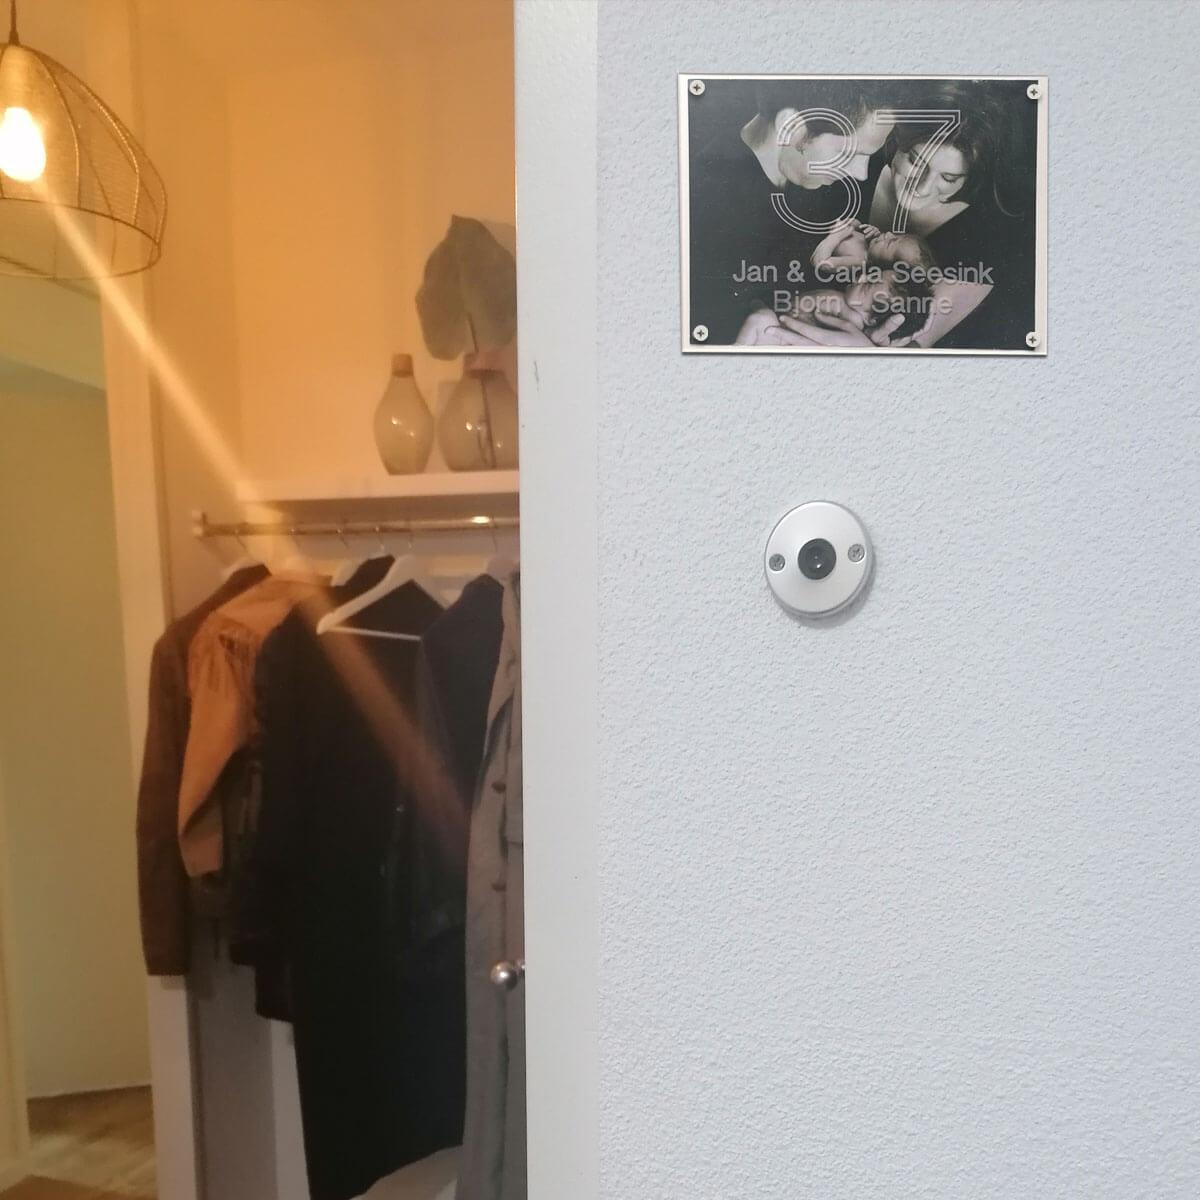 Kraamkado, plexiglas deurbord met de naam van de ouders en de baby